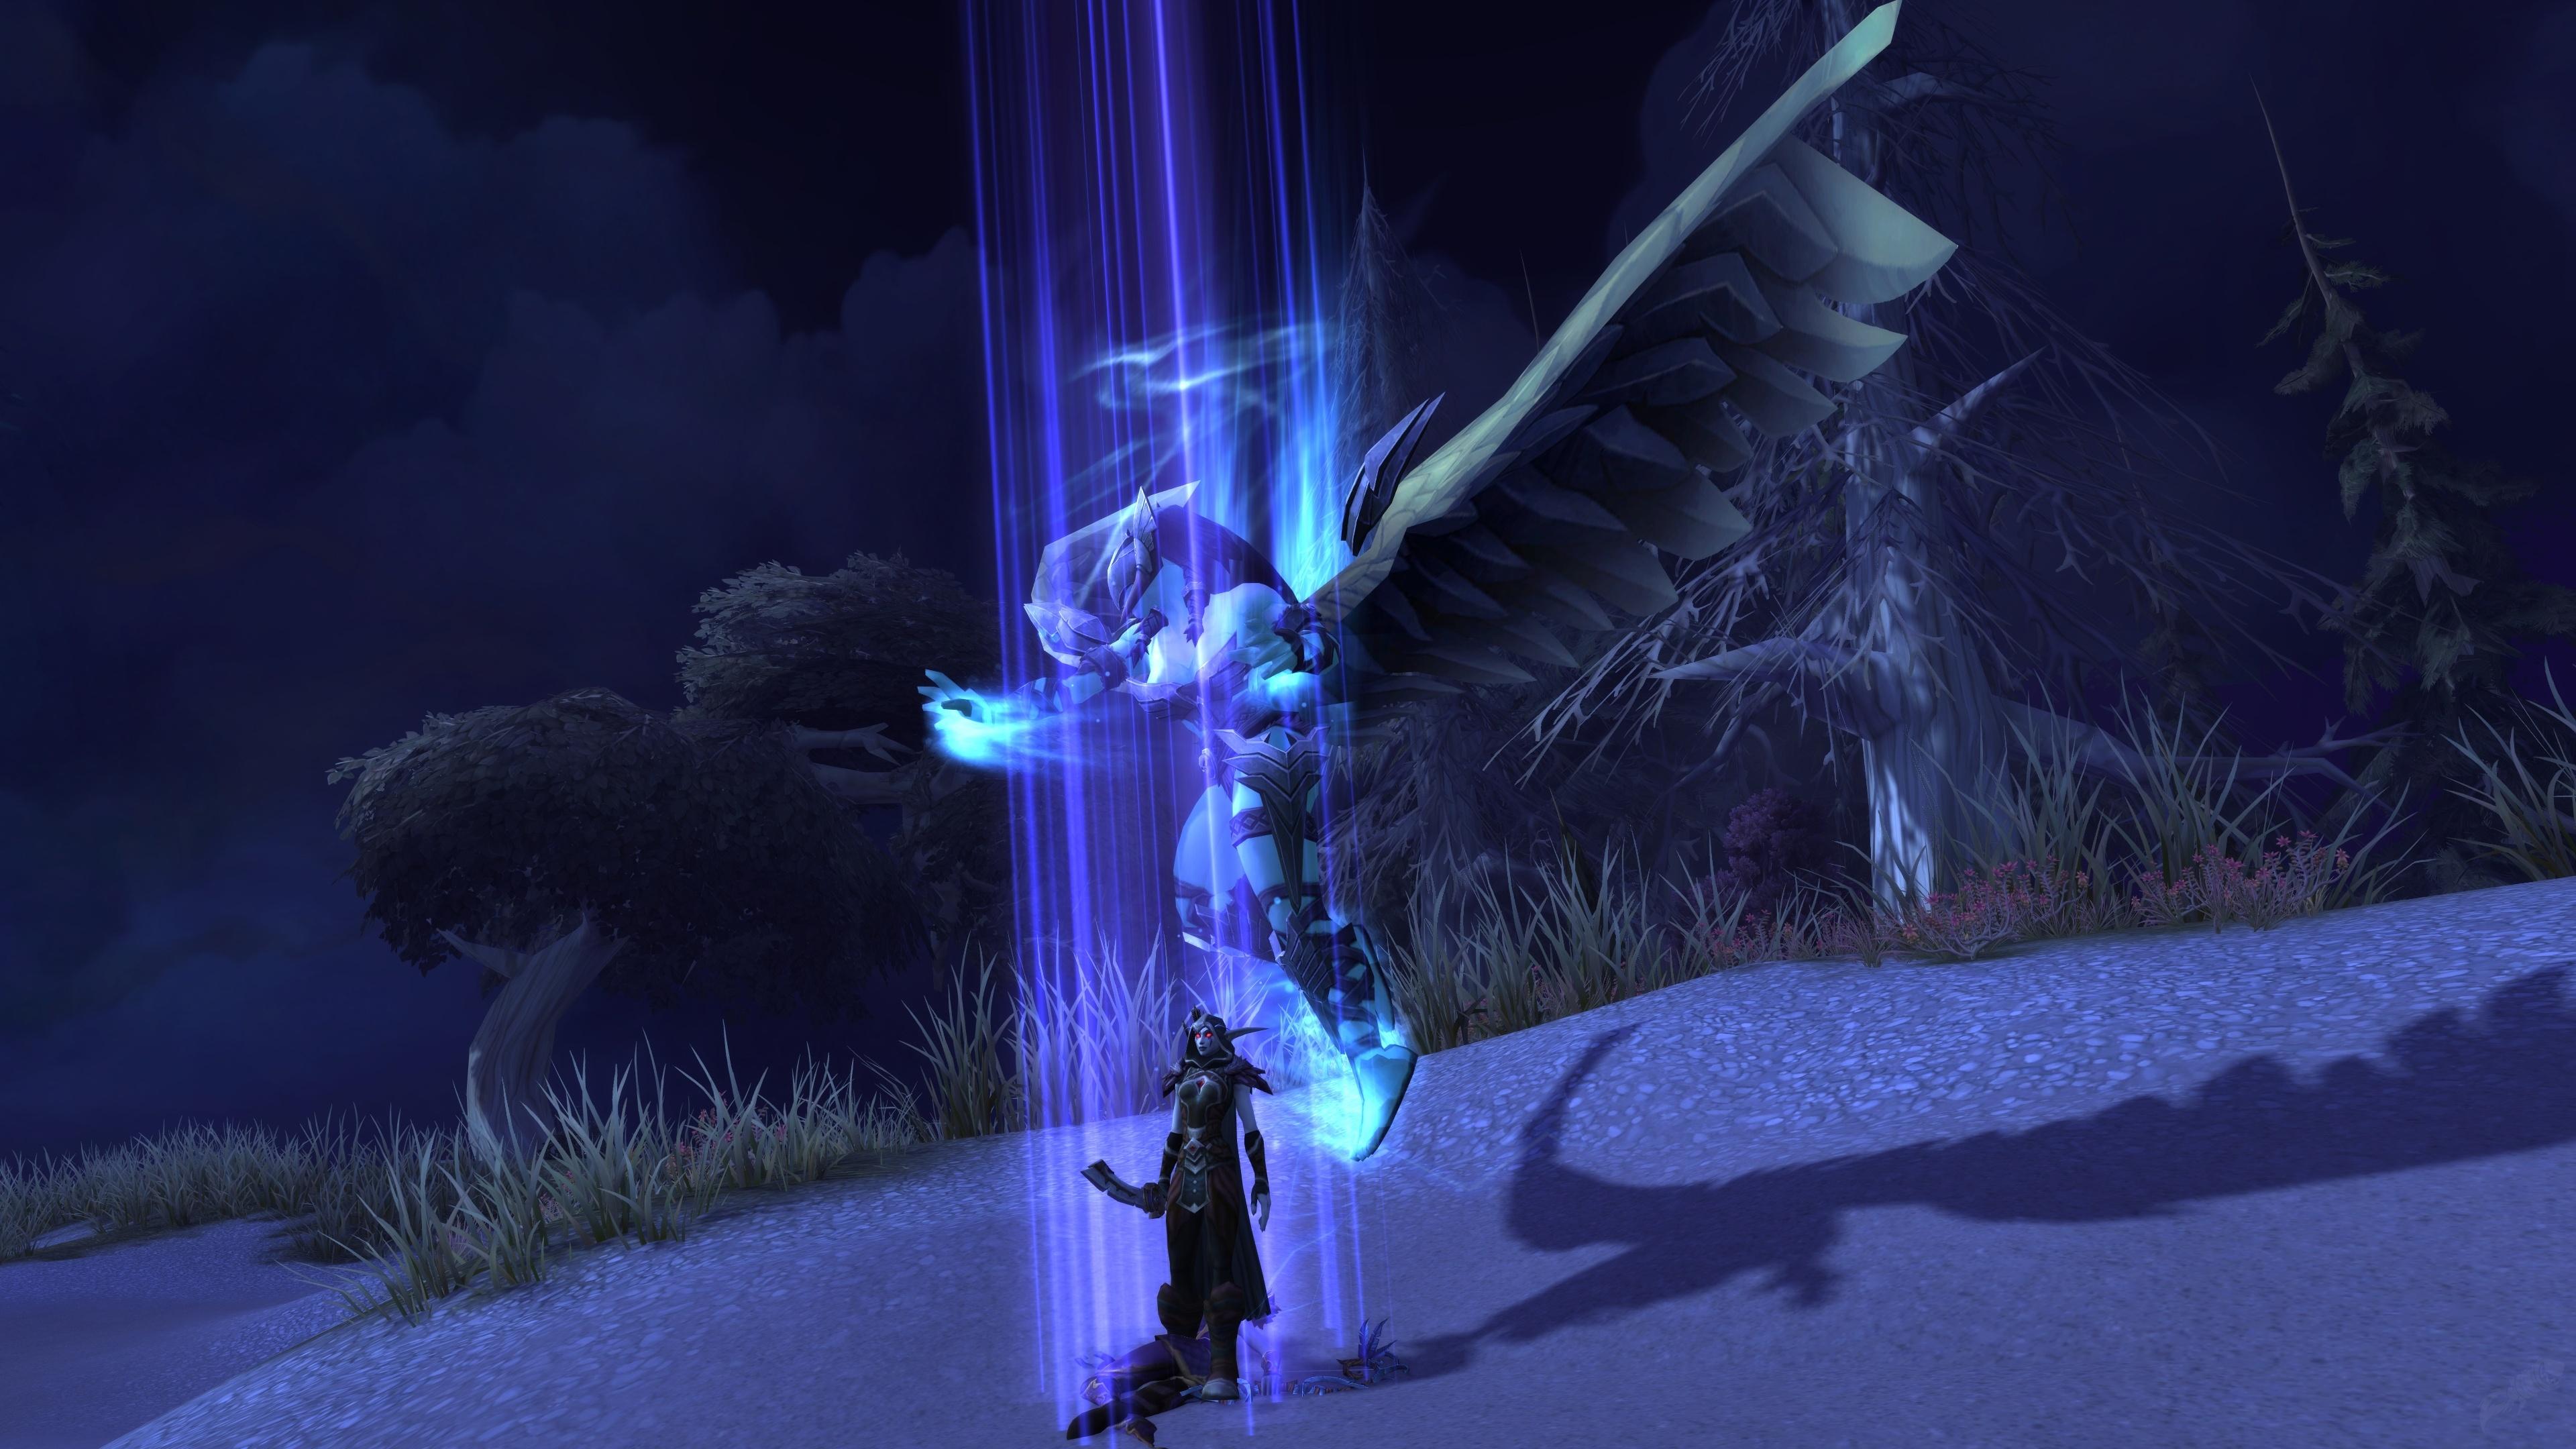 Dark Ranger Round-Up - Quest - World of Warcraft